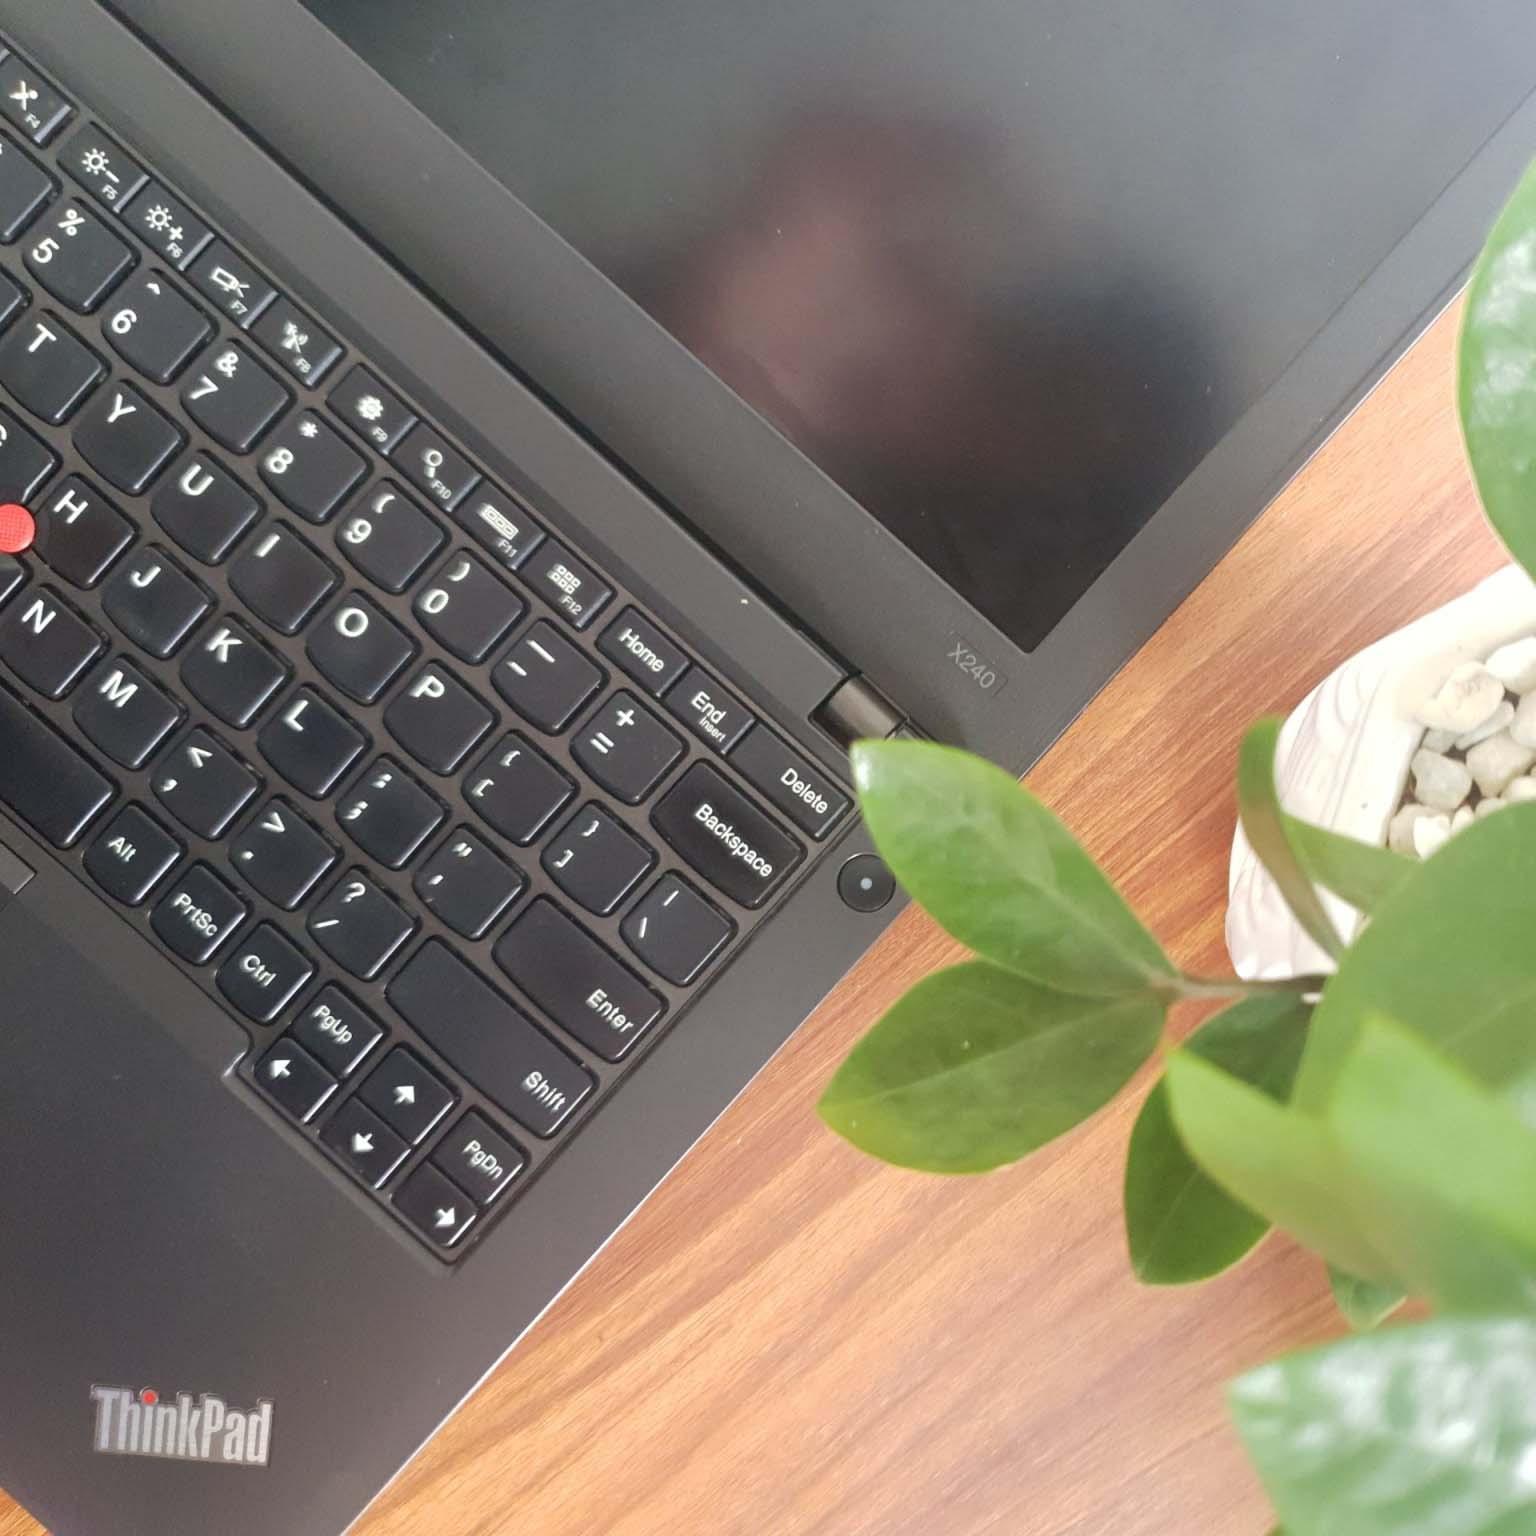 Thinkpad X240 - Đẳng cấp với phiên bản SSD